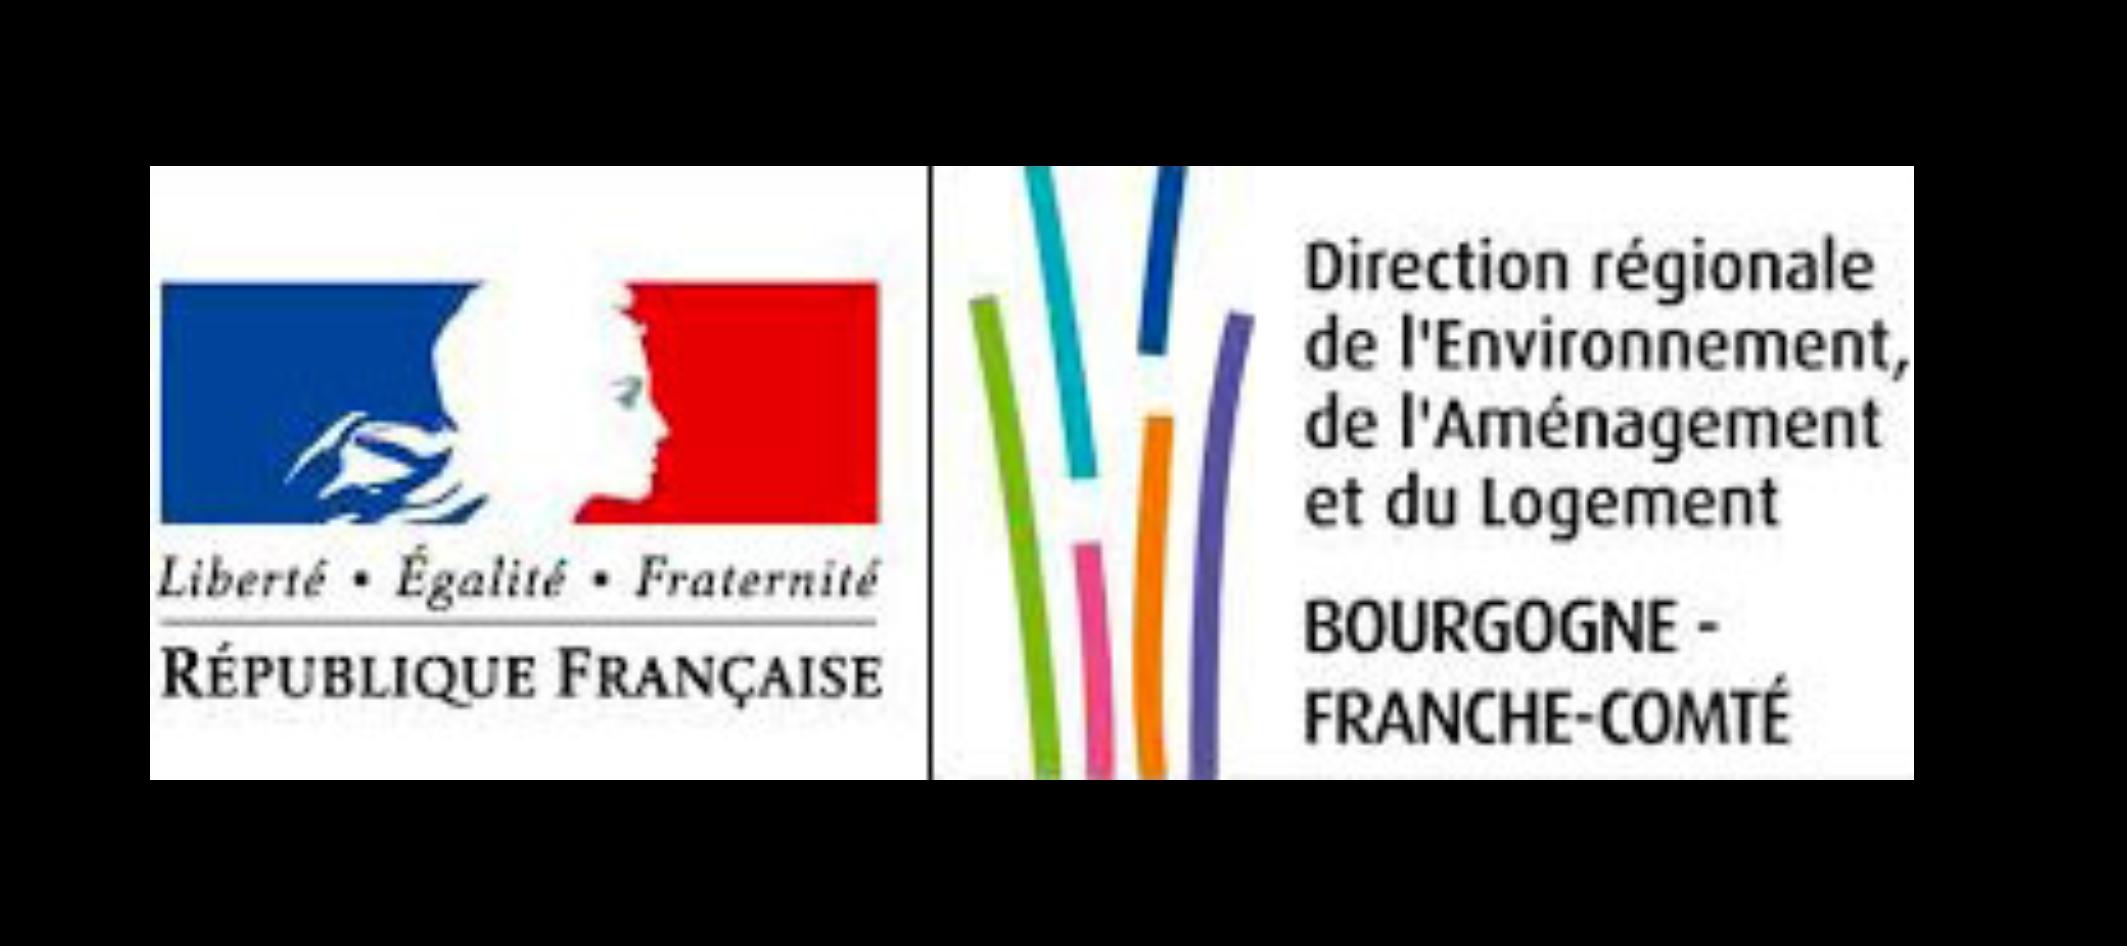 Logo-dreal-bourgogne-franche-comte